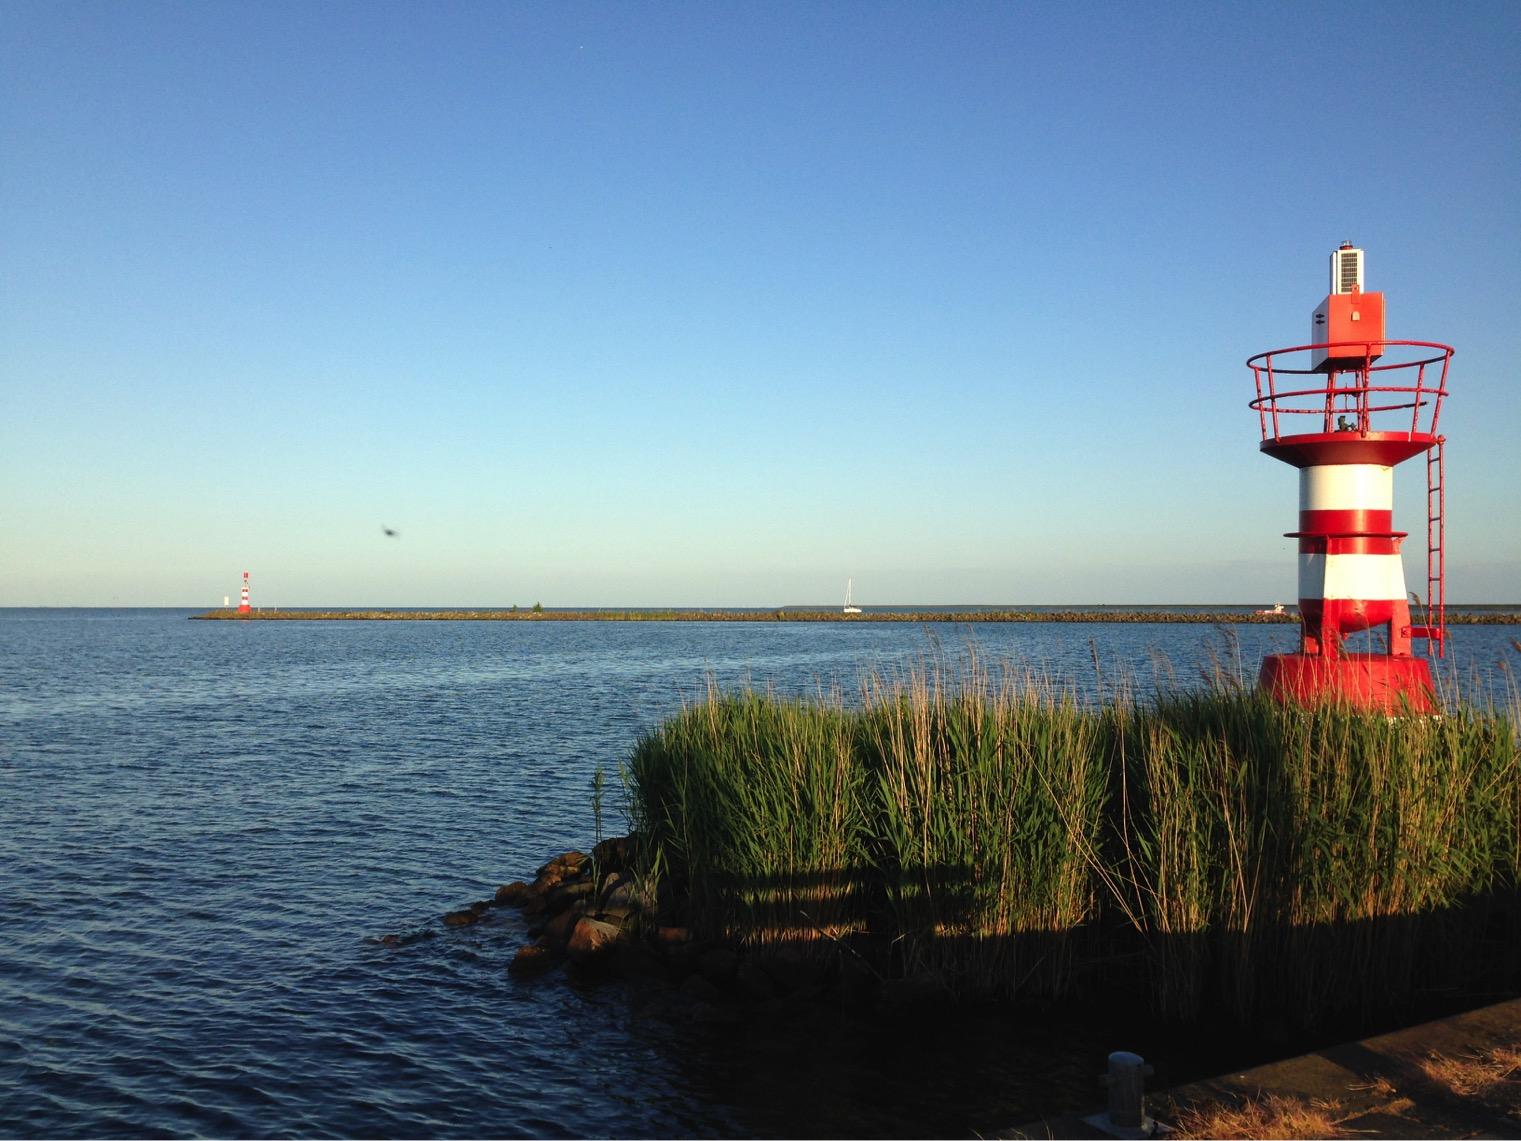 Leutturm Ijsselmeer